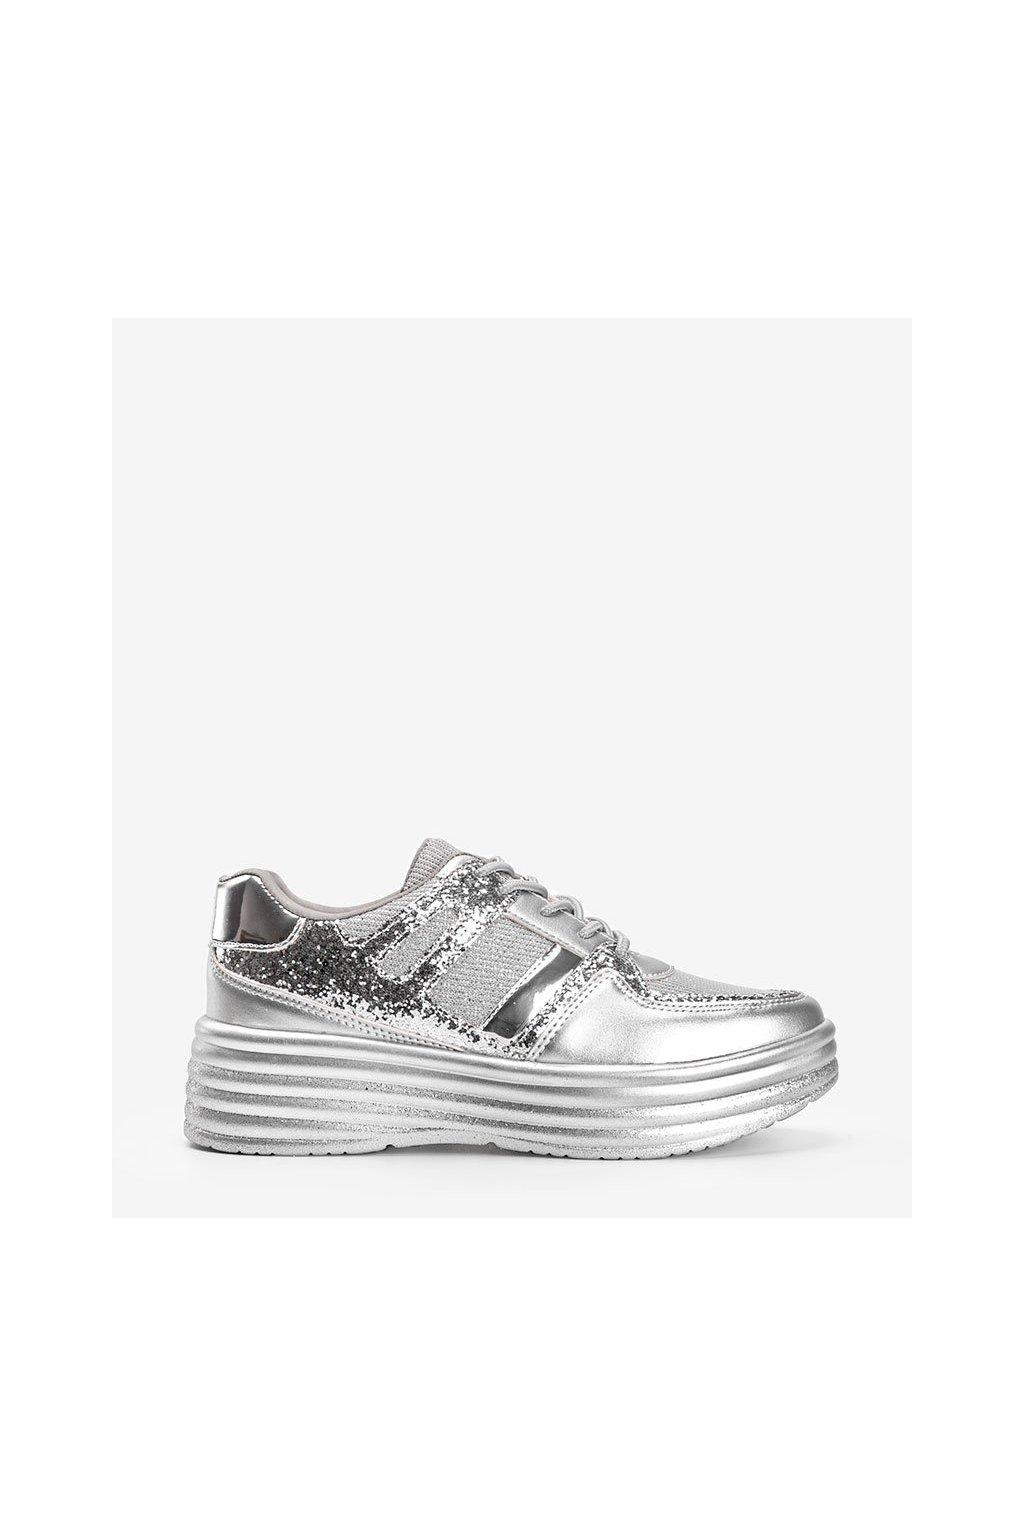 Dámske topánky tenisky sivé kód MD239-1 - GM